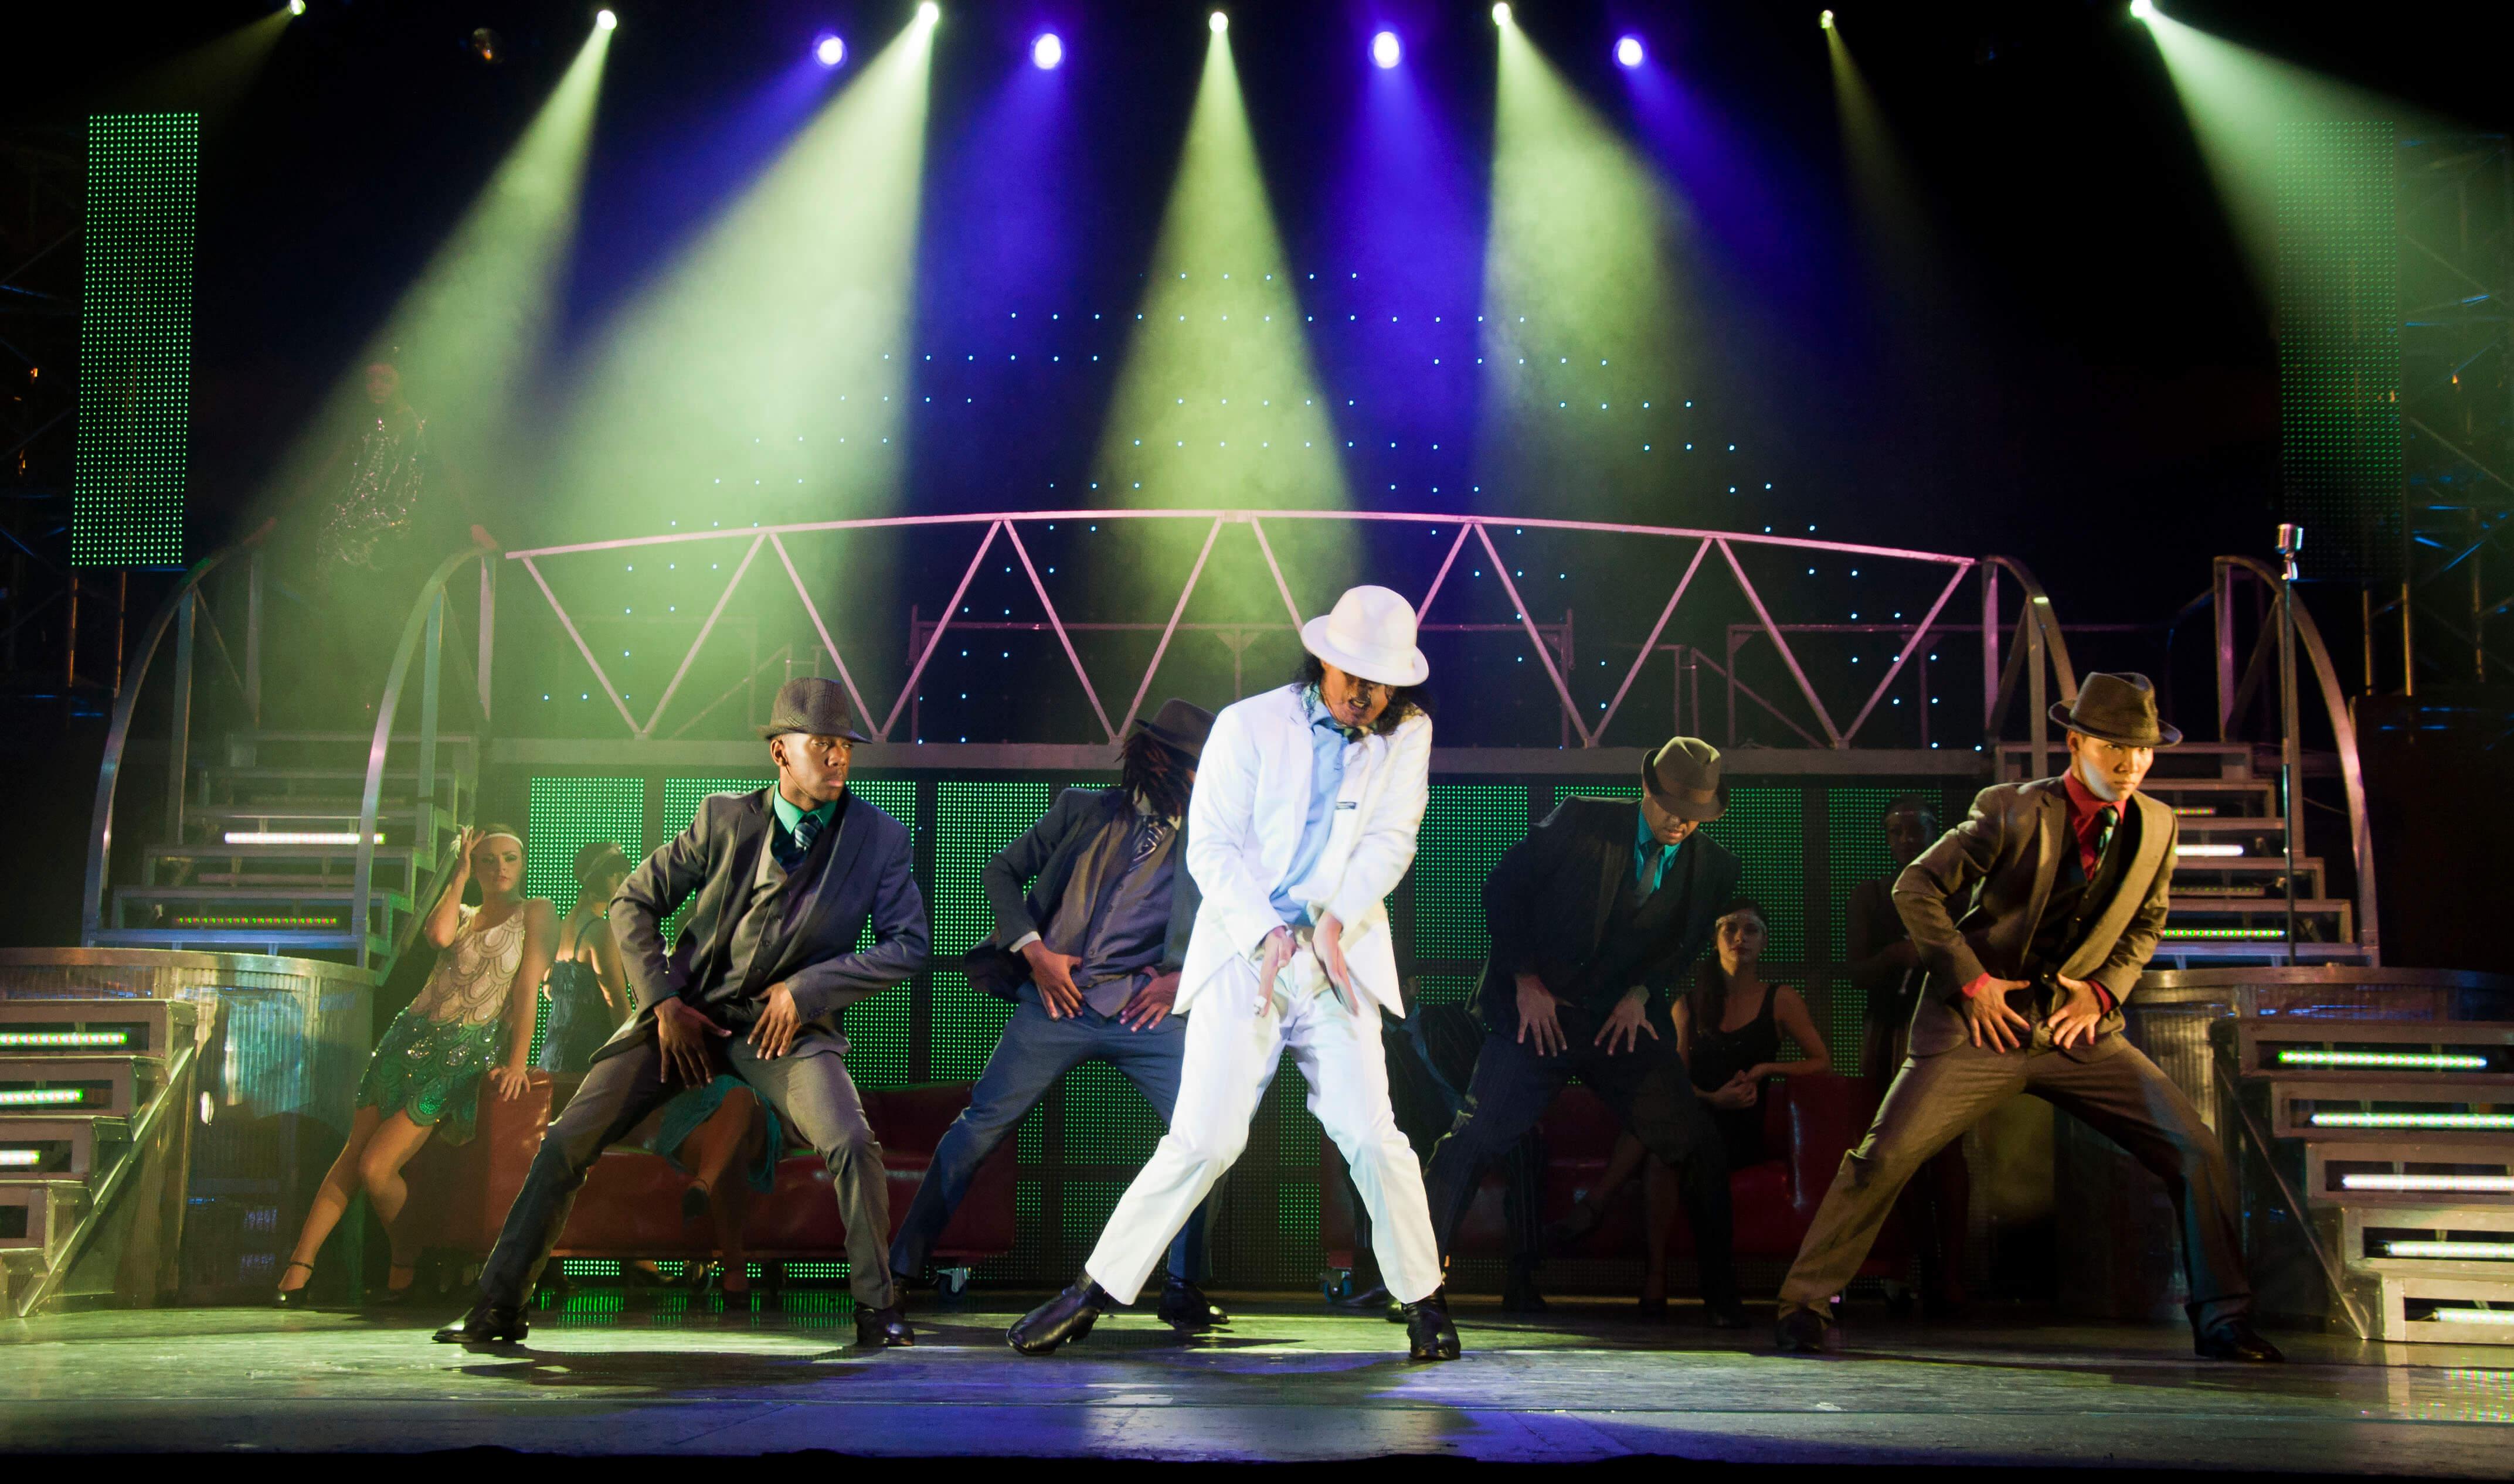 دبي تستضيف العرض الموسيقي الراقص ثريلر لايف